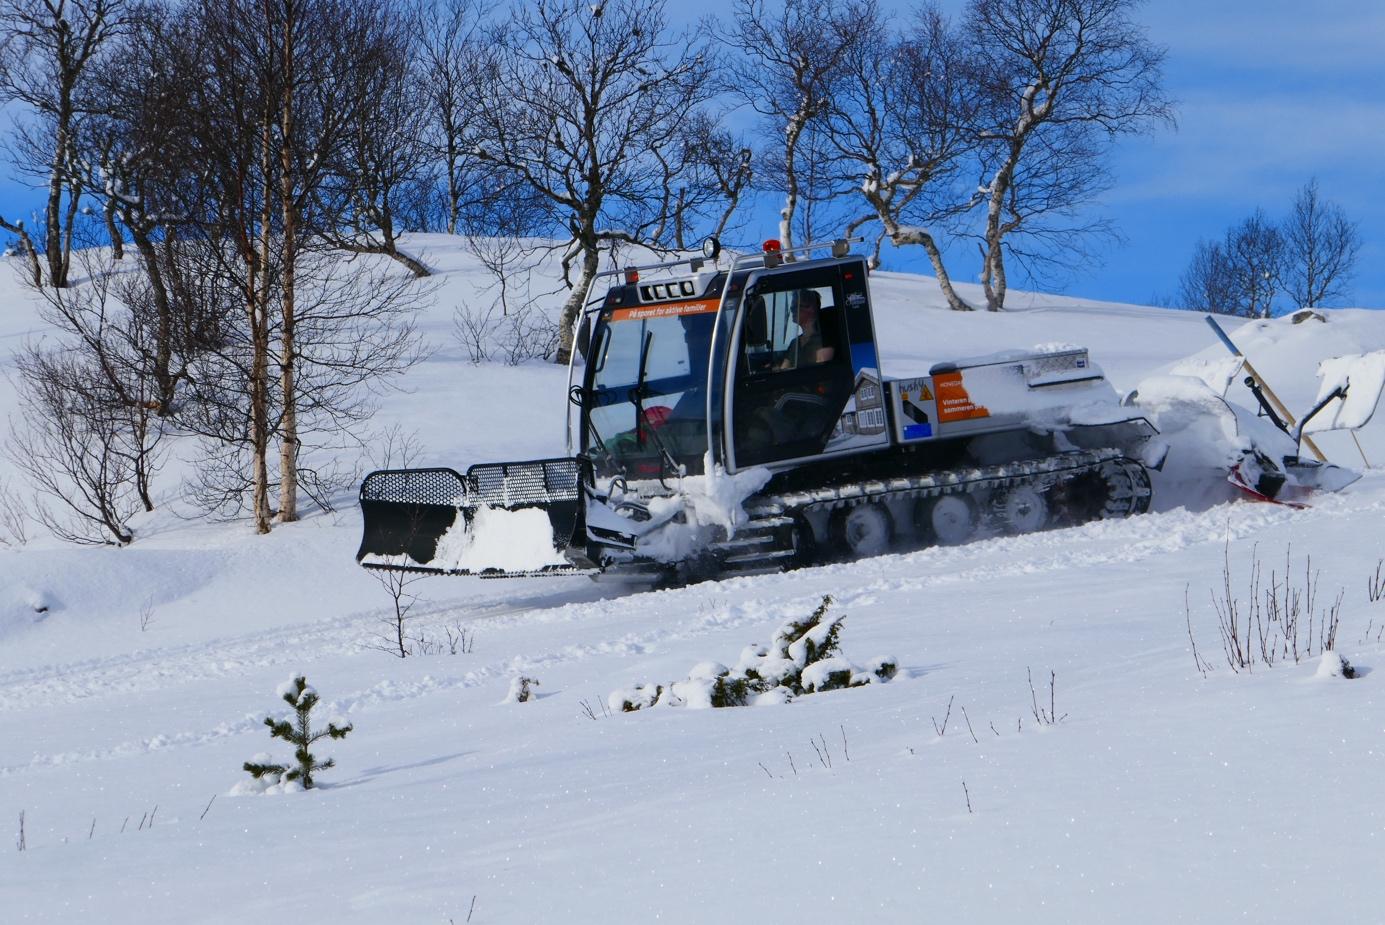 Et bilde som inneholder snø, utendørs, tre, skiheis  Automatisk generert beskrivelse